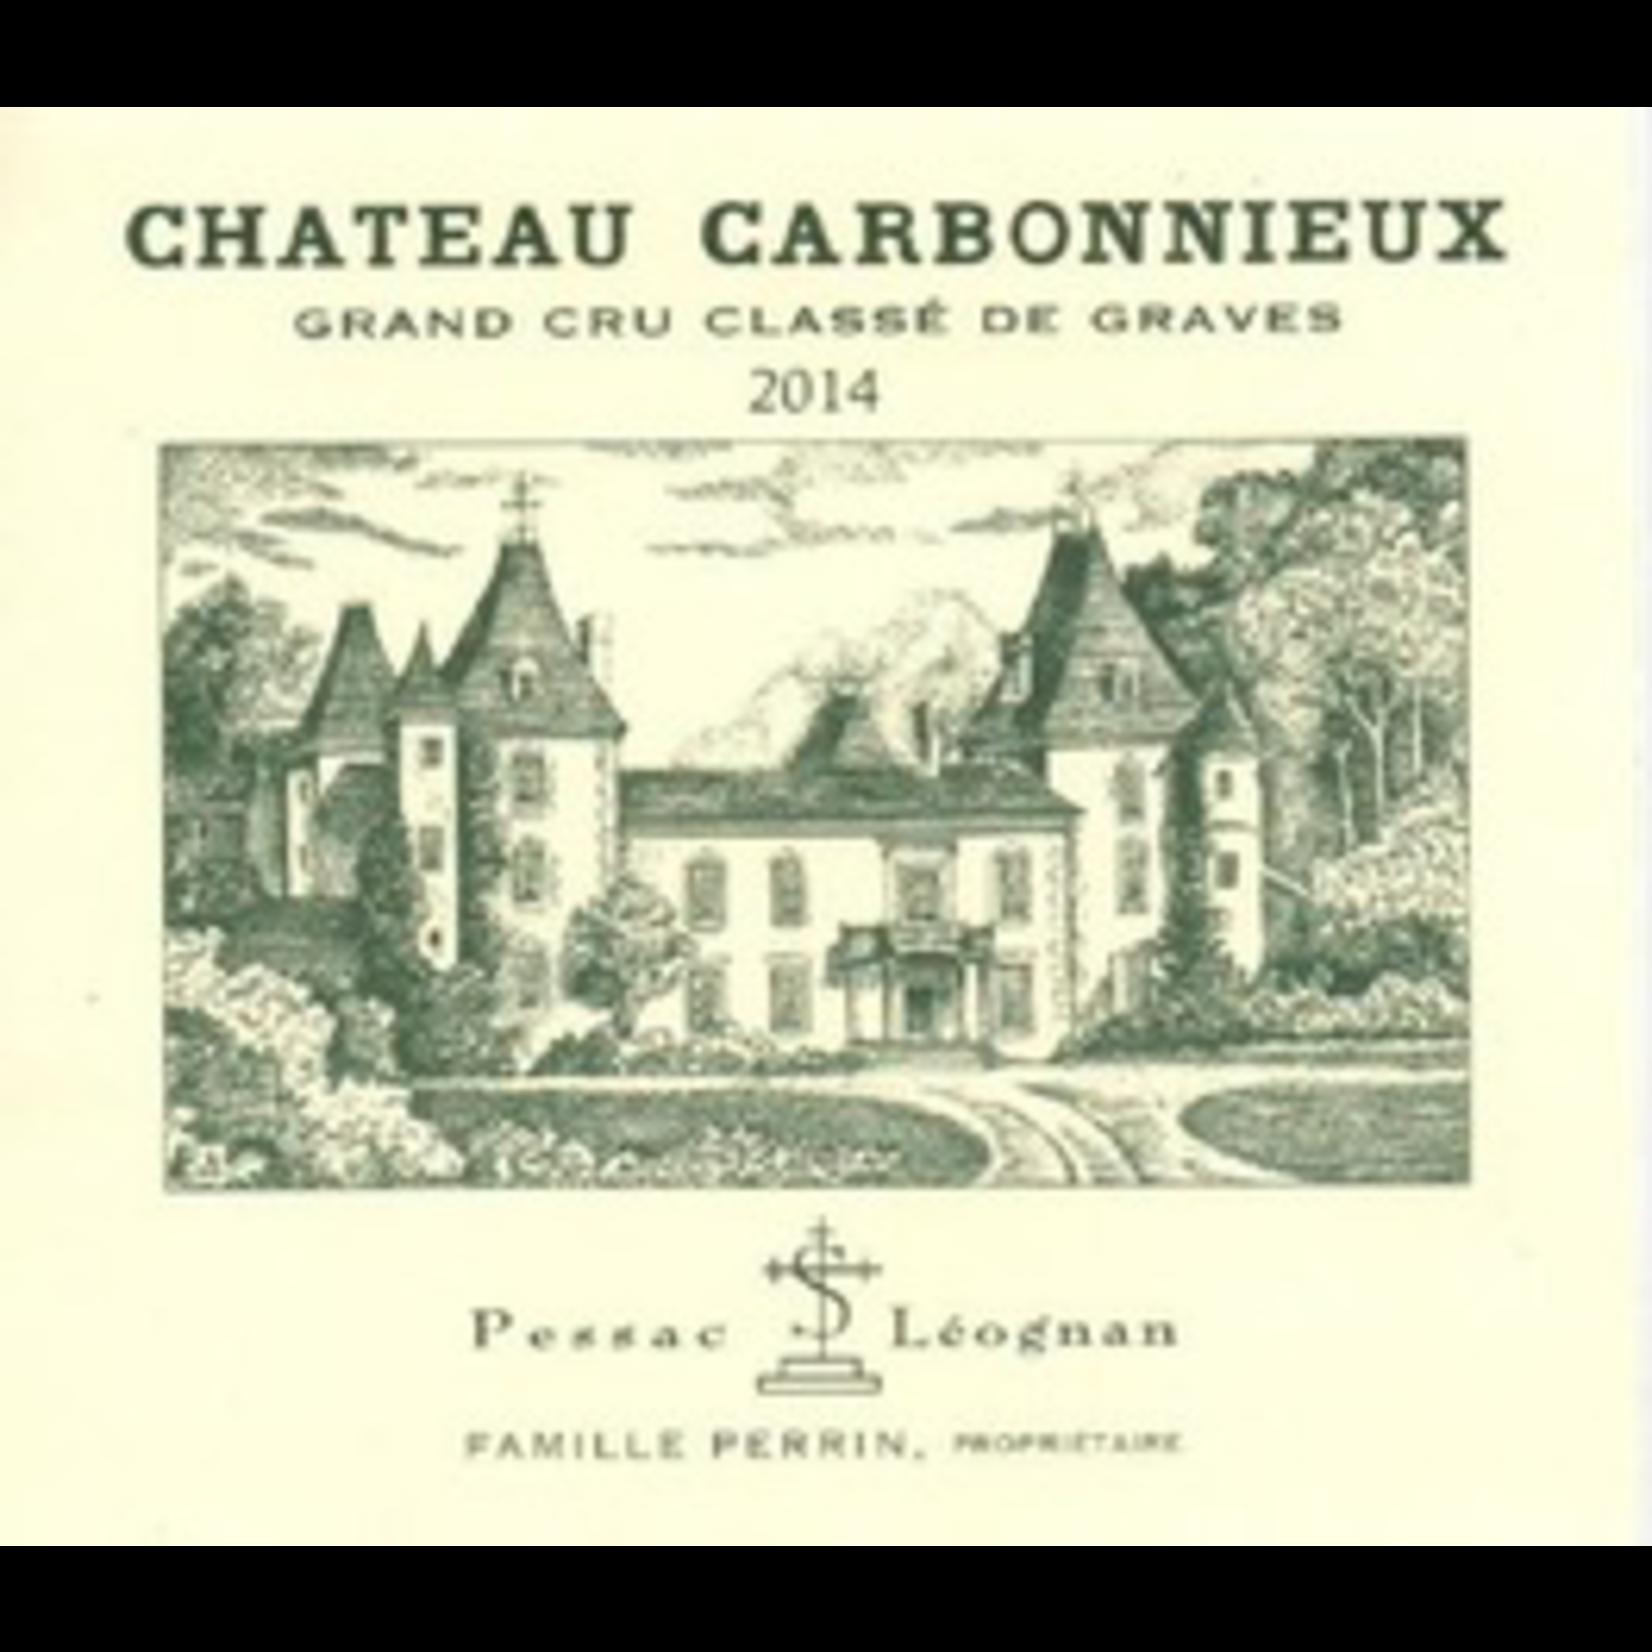 Chateau Carbonnieux  Pessac-Leognan 2014